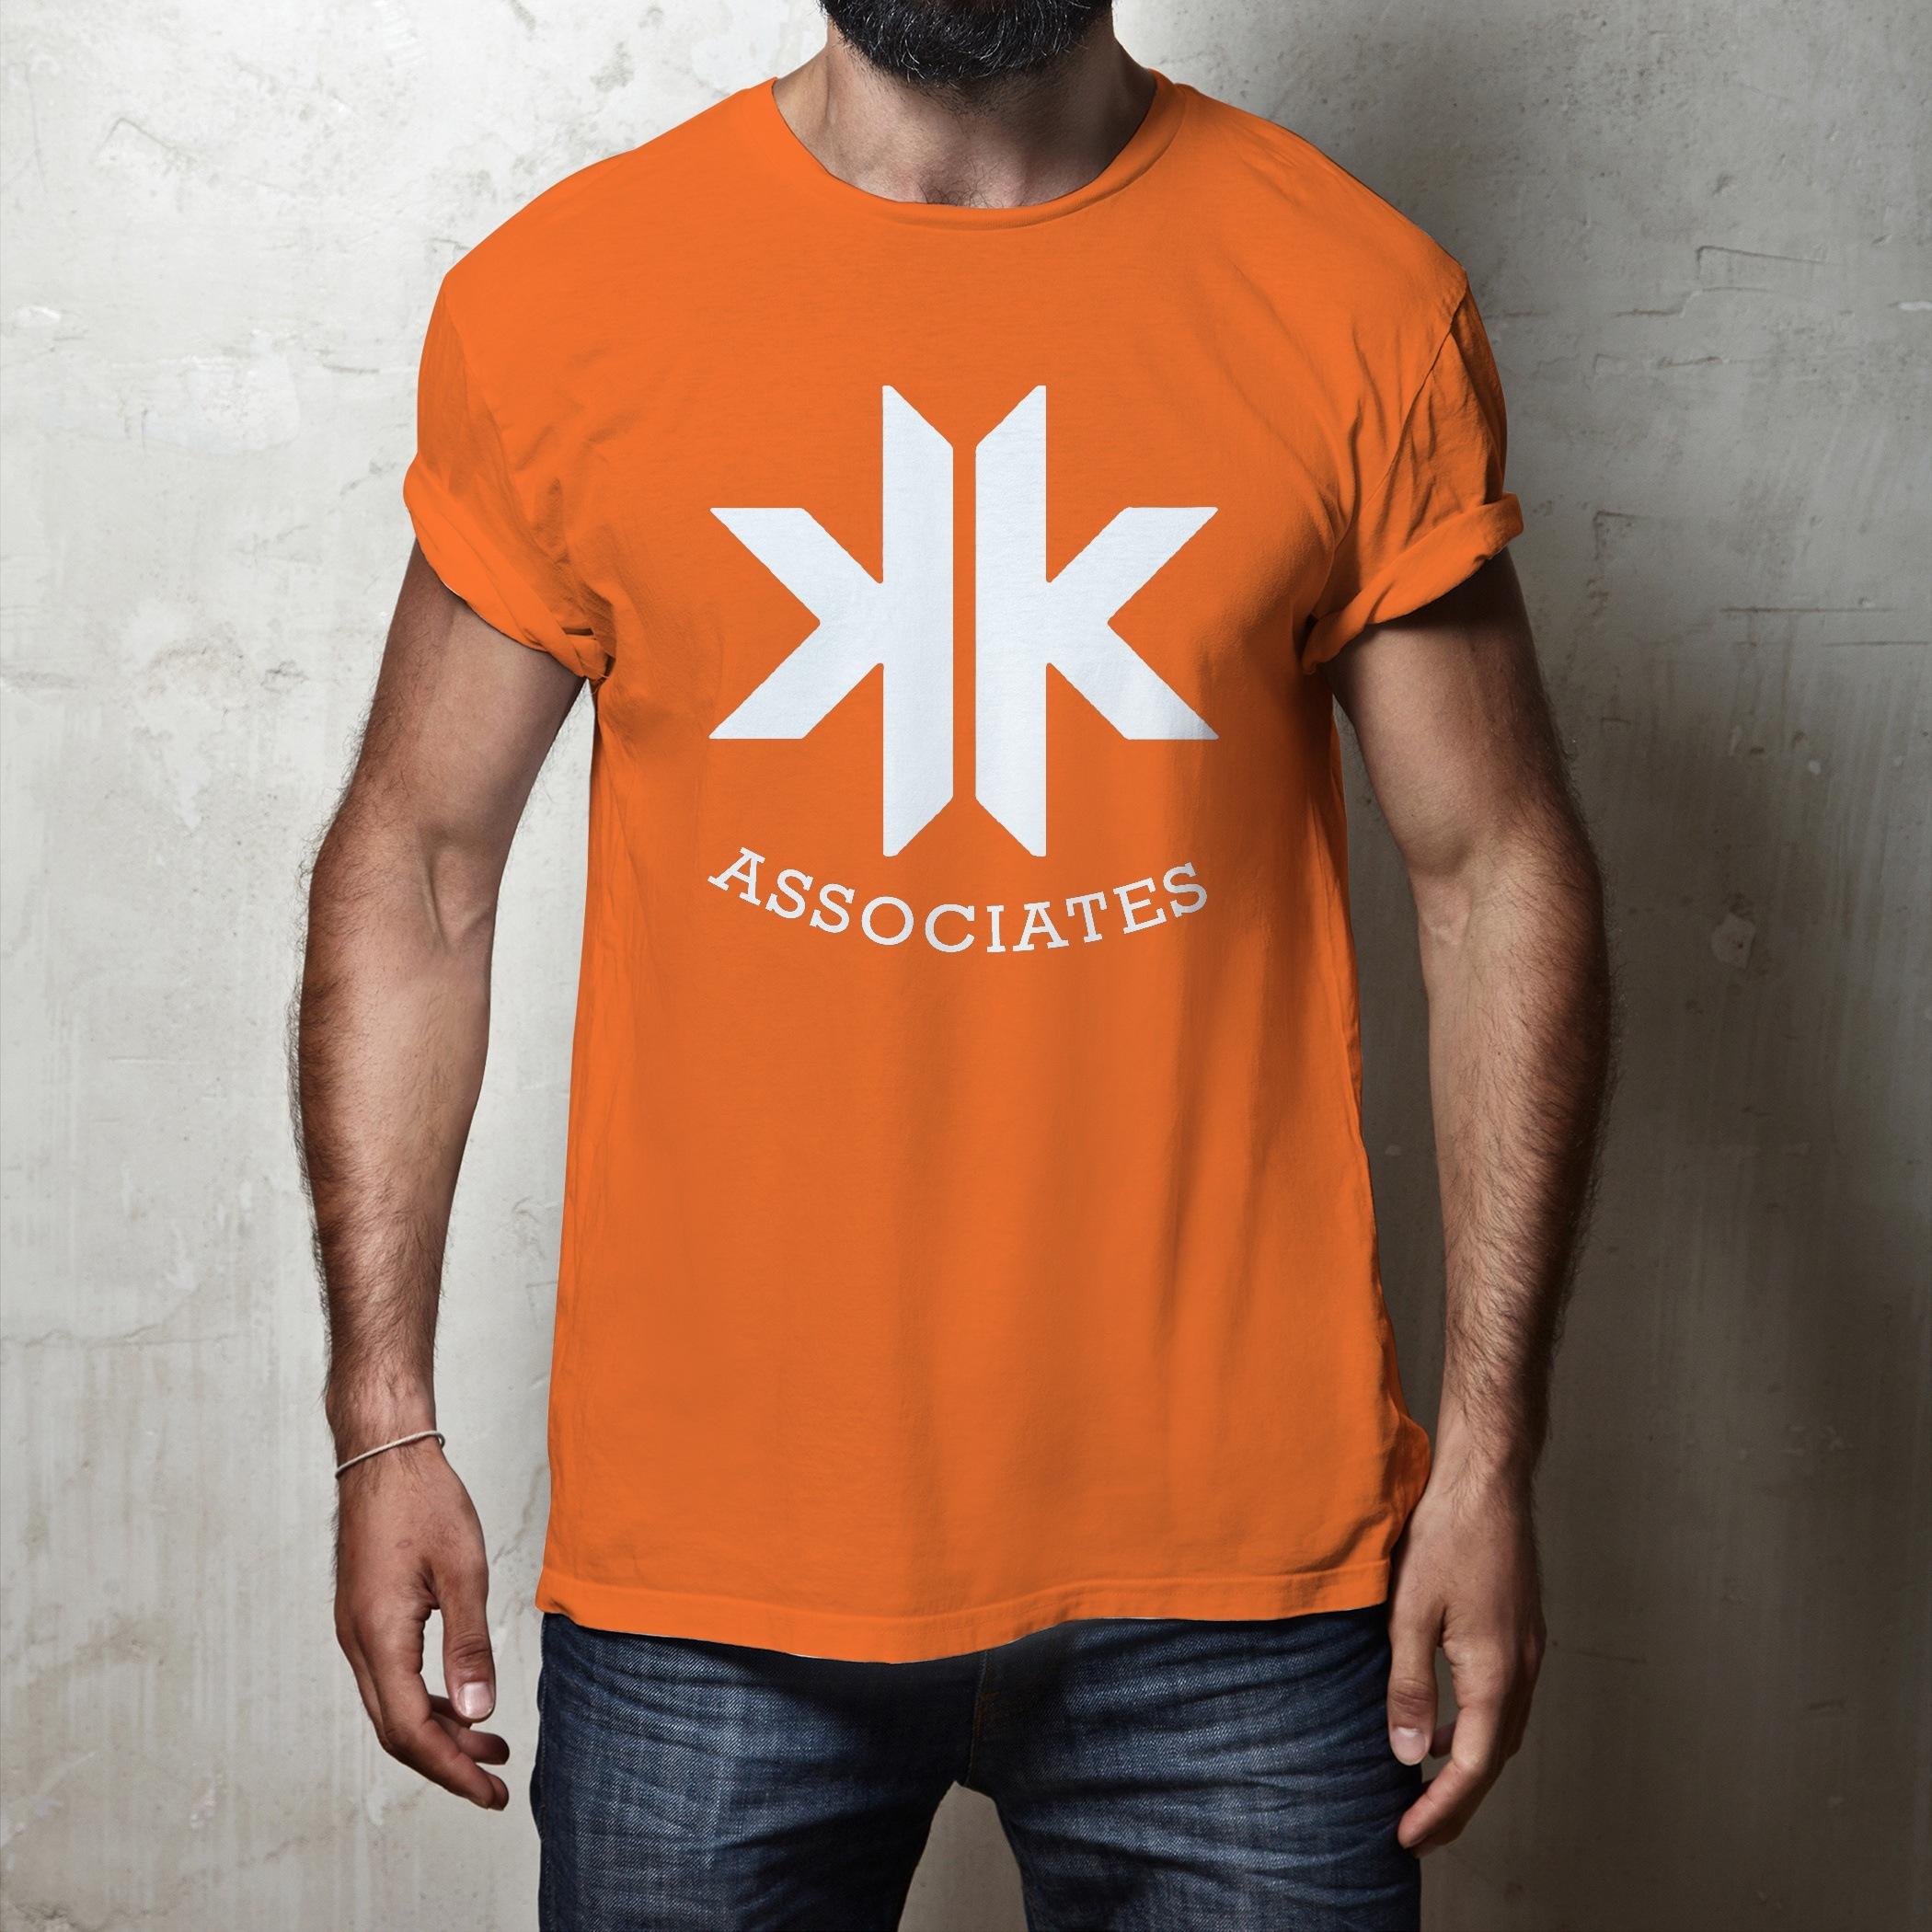 8ad64c3f Bulk T Shirt Printing Mumbai - DREAMWORKS